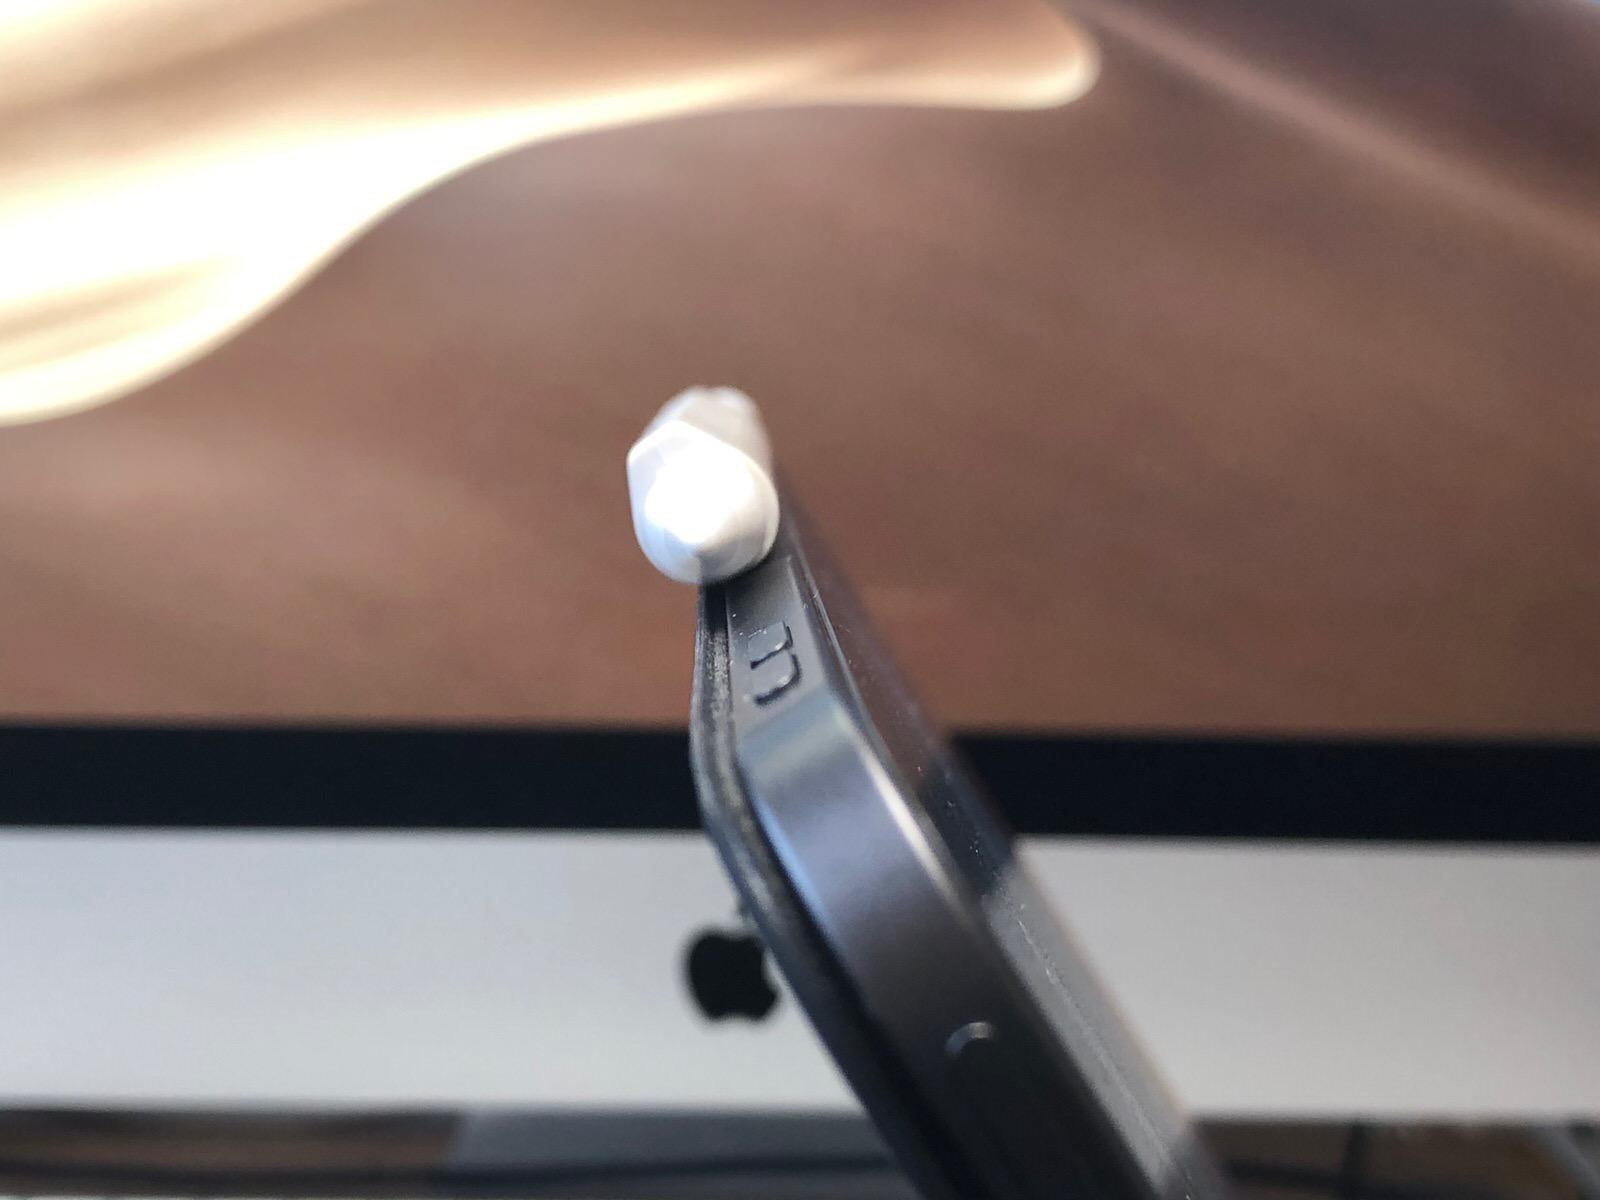 FRTMA Apple Pencil用グリップ(マグネット付き) 握りやすいiPad Pro用シリコン製Apple Pencil用グリップ−7